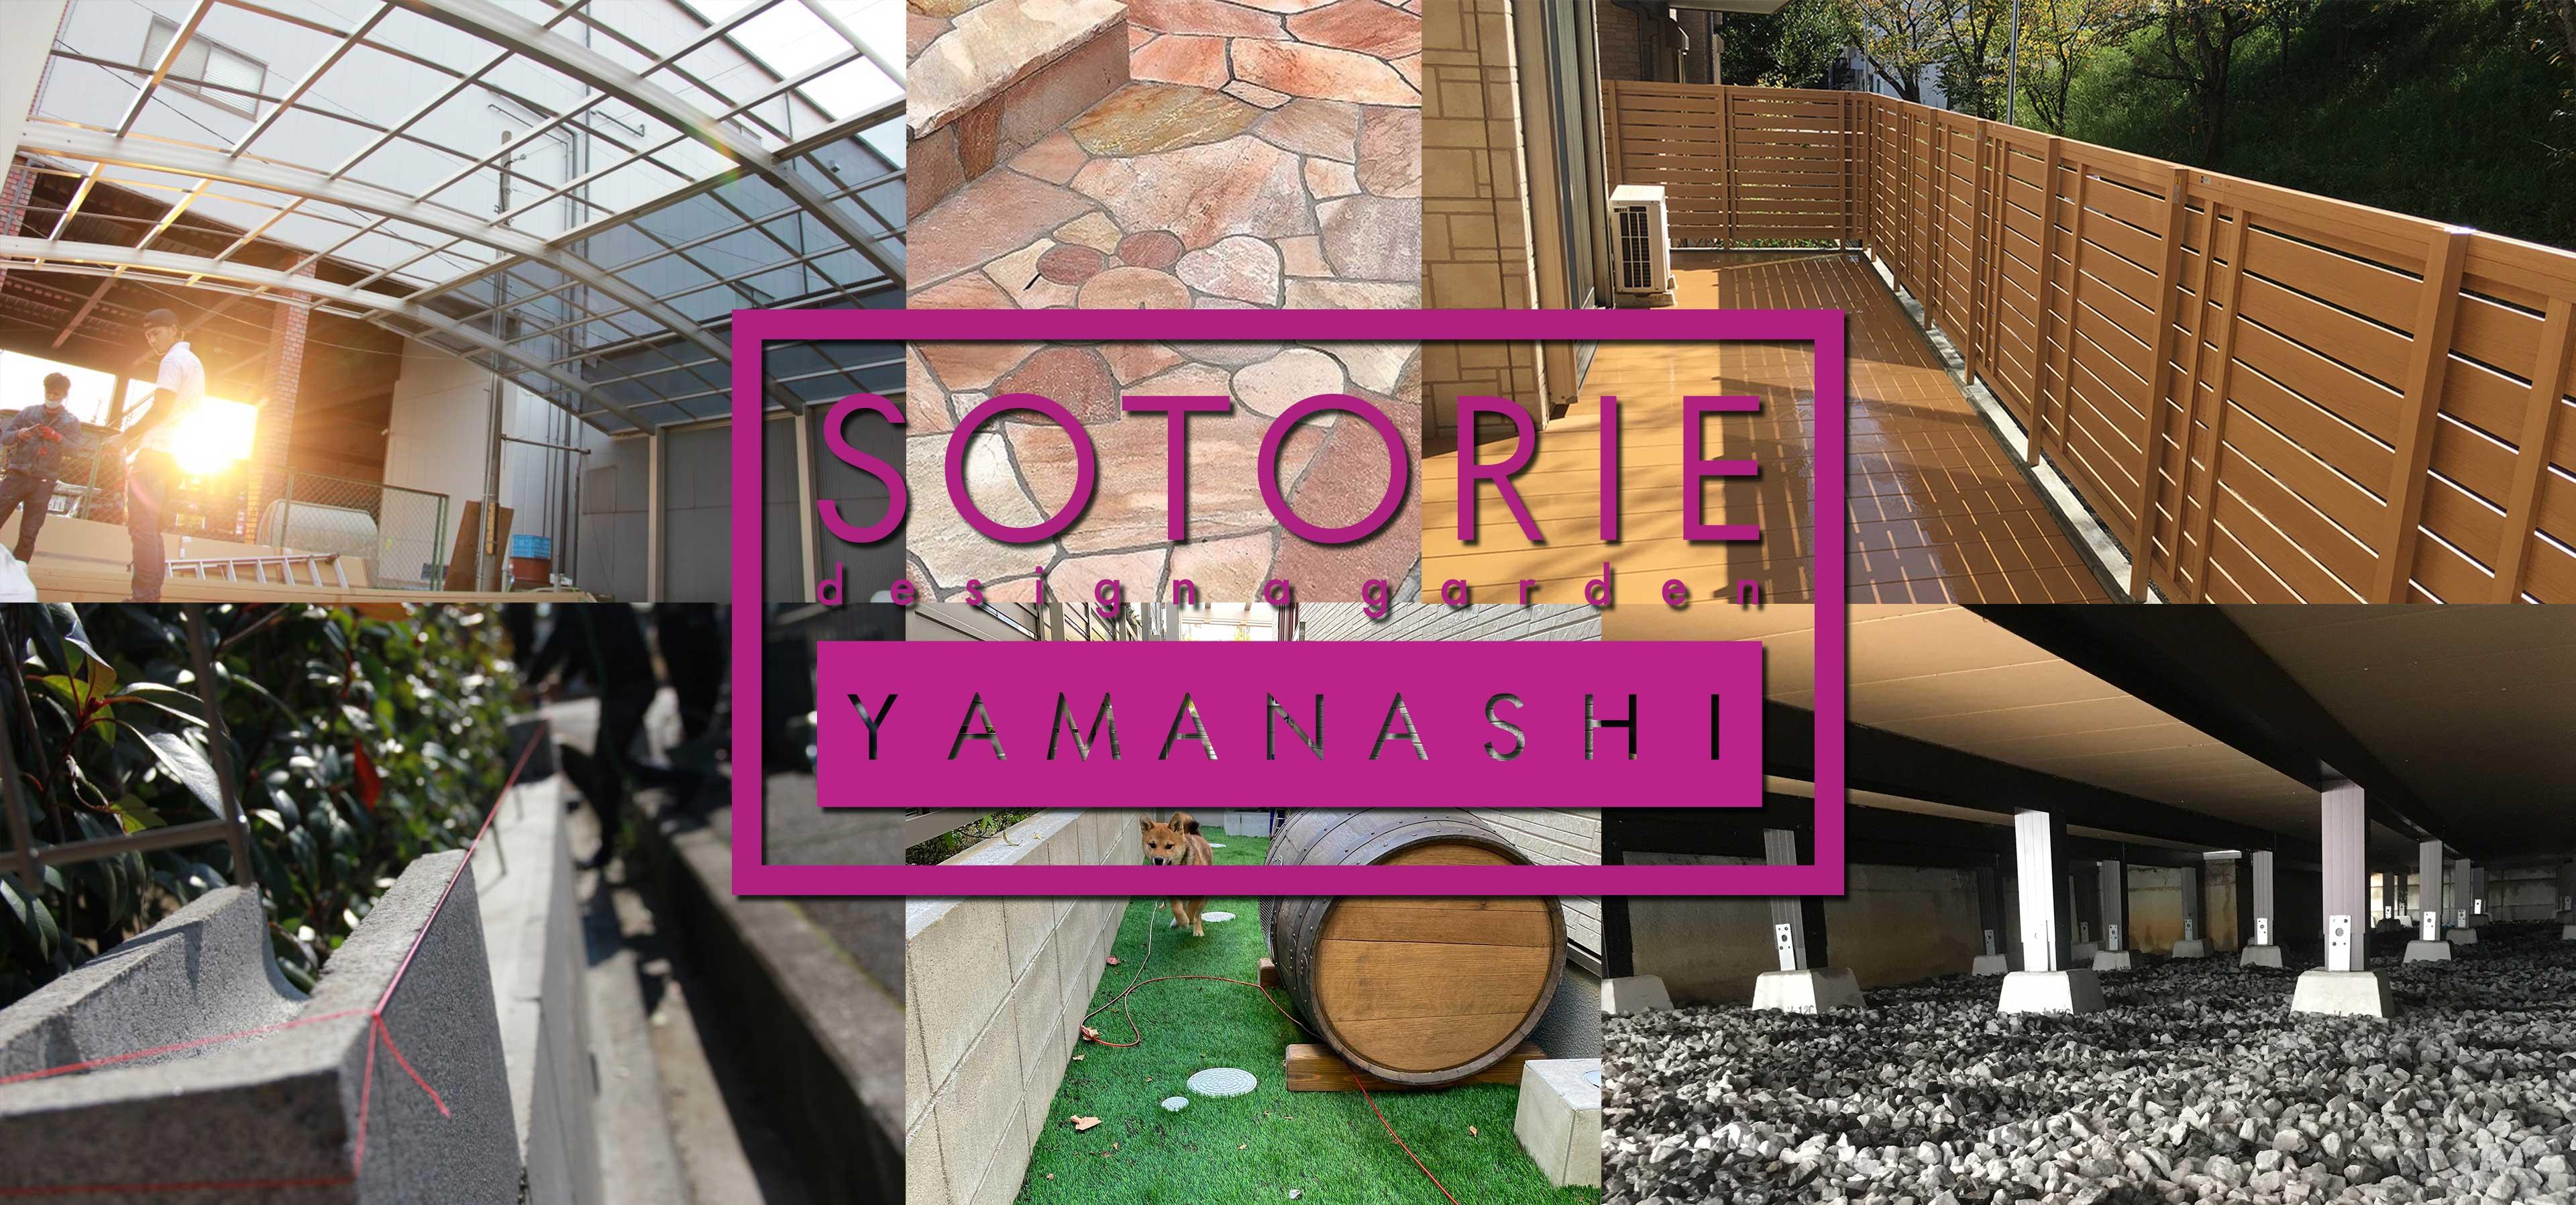 ソトリエ山梨では、家周りと庭周りの外構、エクステリア工事をおしゃれなデザインと高い施工品質でご提供することをお約束します。